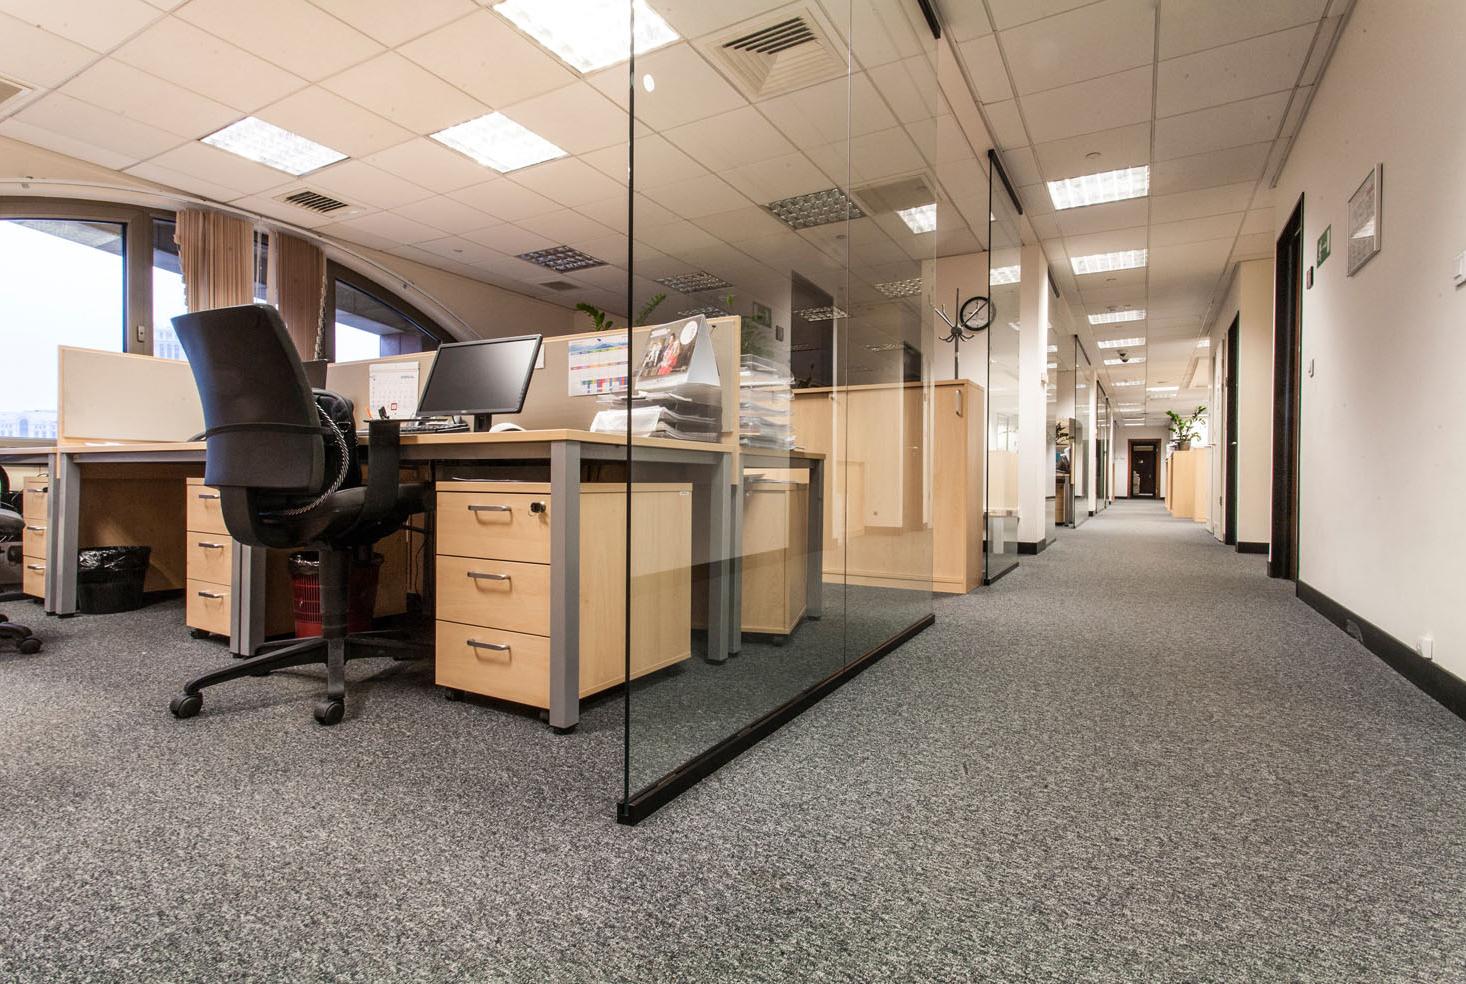 Krasnye Holmy - Agrokhim Office